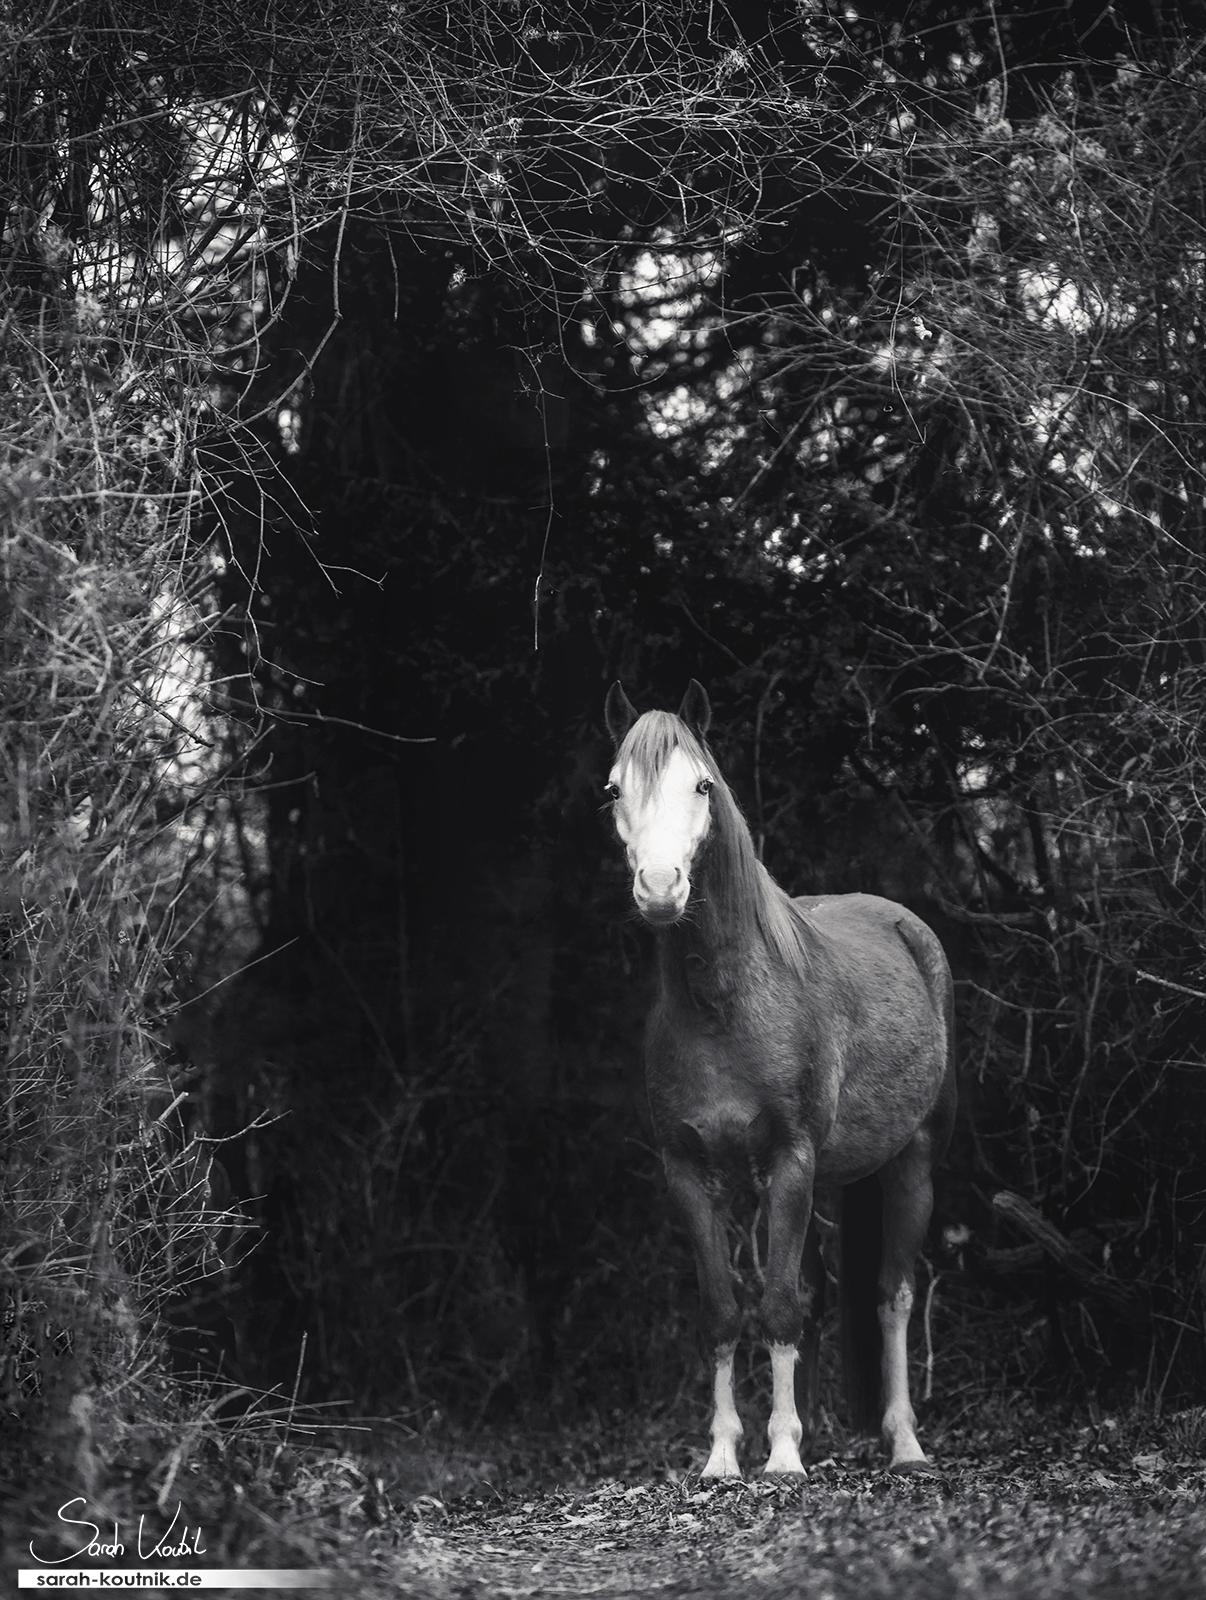 Welsh B Wallach Ghost | gratis Fotokurs Motive einrahmen | einfach bessere Fotos machen | Sarah Koutnik Fotografie | Pferdefotografin Starnberg